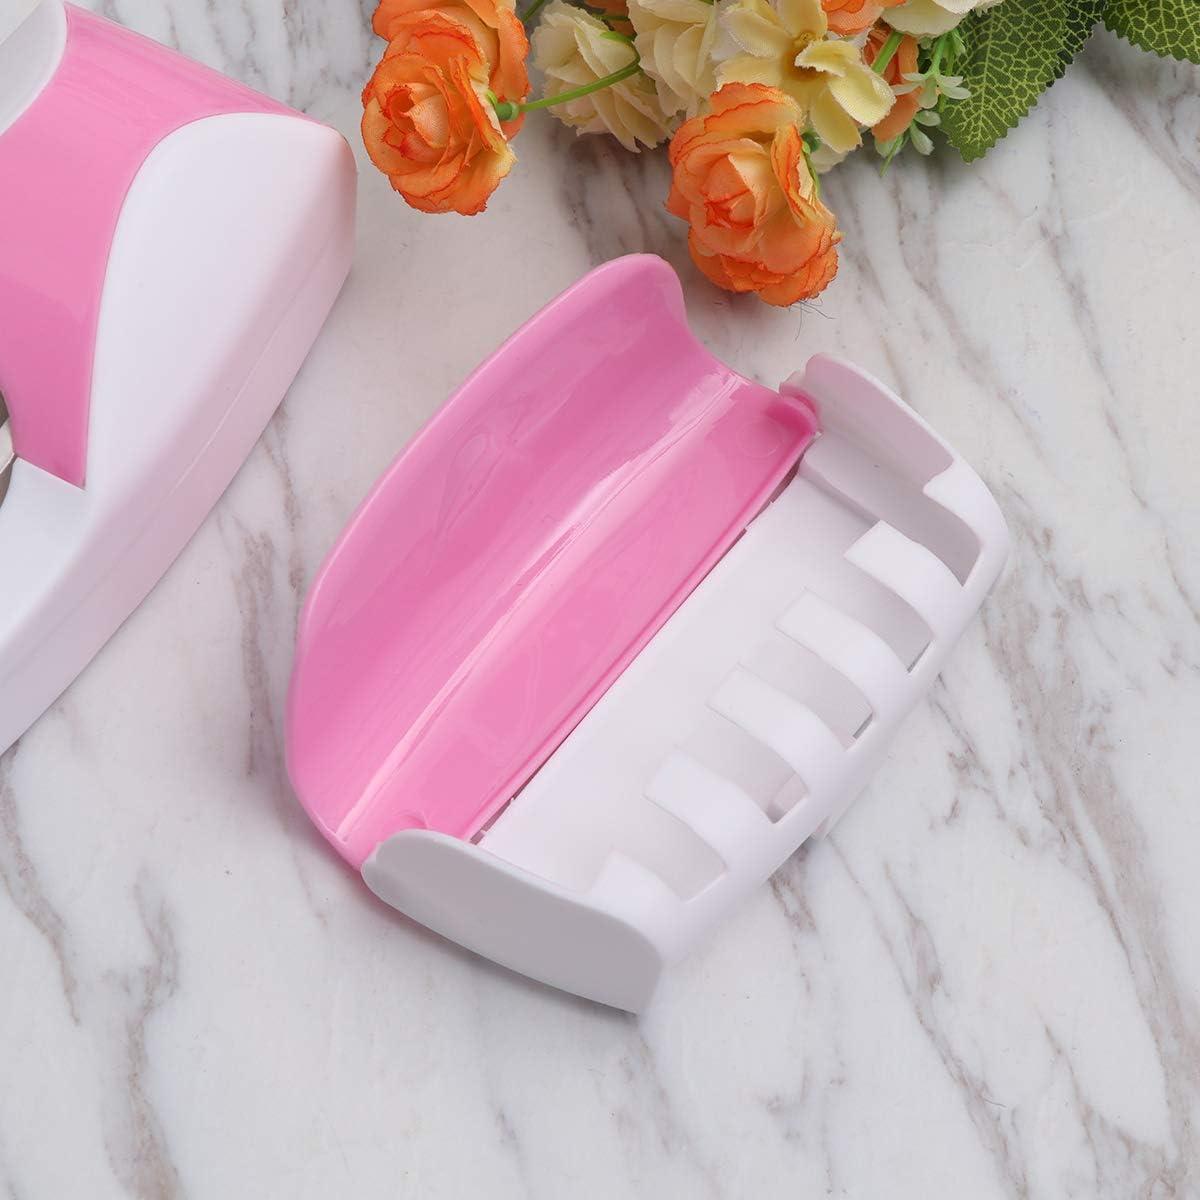 SUPVOX Soporte de Cepillos de Dientes Montaje en Pared Dispensador de Pasta de Dientes Rosa 2PCS